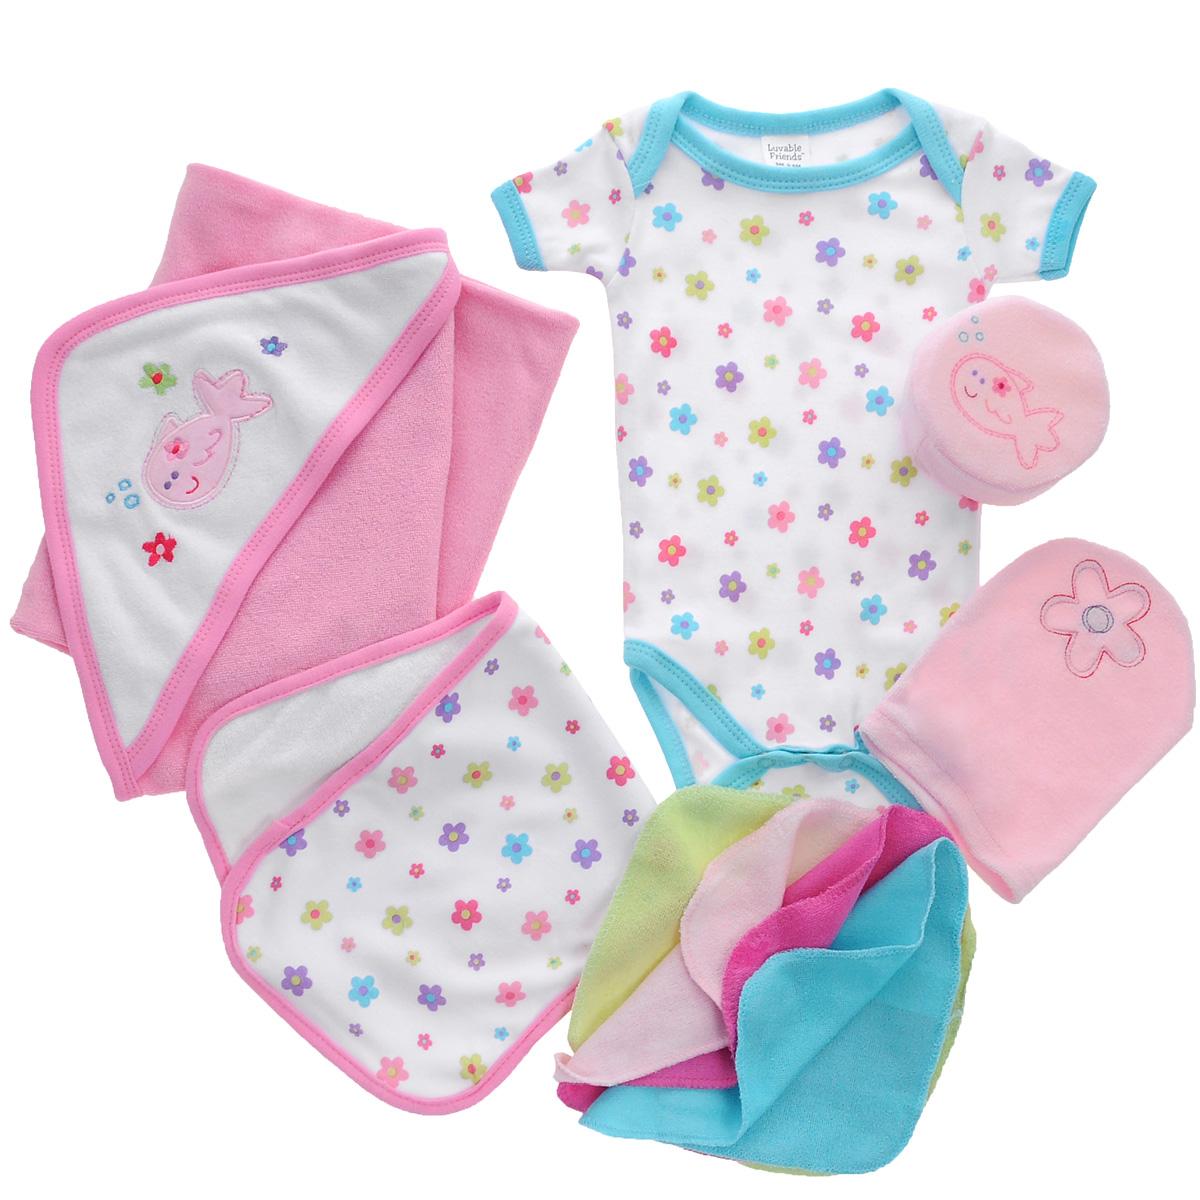 Комплект одежды07074Комплект для ванны для новорожденного Luvable Friends - это замечательный подарок, который прекрасно подойдет для первых дней жизни малыша. Комплект состоит из боди, полотенца с уголком, рукавички, мочалки, маленького полотенчика и четырех салфеток для мытья. Изготовленный из хлопка, он необычайно мягкий и приятный на ощупь, не сковывает движения малыша и позволяет коже дышать, не раздражает даже самую нежную и чувствительную кожу ребенка, обеспечивая ему наибольший комфорт. Удобное боди с круглым вырезом горловины и короткими рукавами имеет специальные запахи на плечах и кнопки на ластовице, что значительно облегчает процесс переодевания ребенка и смену подгузника. Махровое полотенце с уголком идеально подходит для ухода за ребенком после купания, так как позволяет полностью завернуть малыша и защитить его от простуды. Оно очень мягкое и приятное на ощупь, обладает легким массирующим эффектом, отлично впитывает влагу и быстро сохнет. Капюшон декорирован...